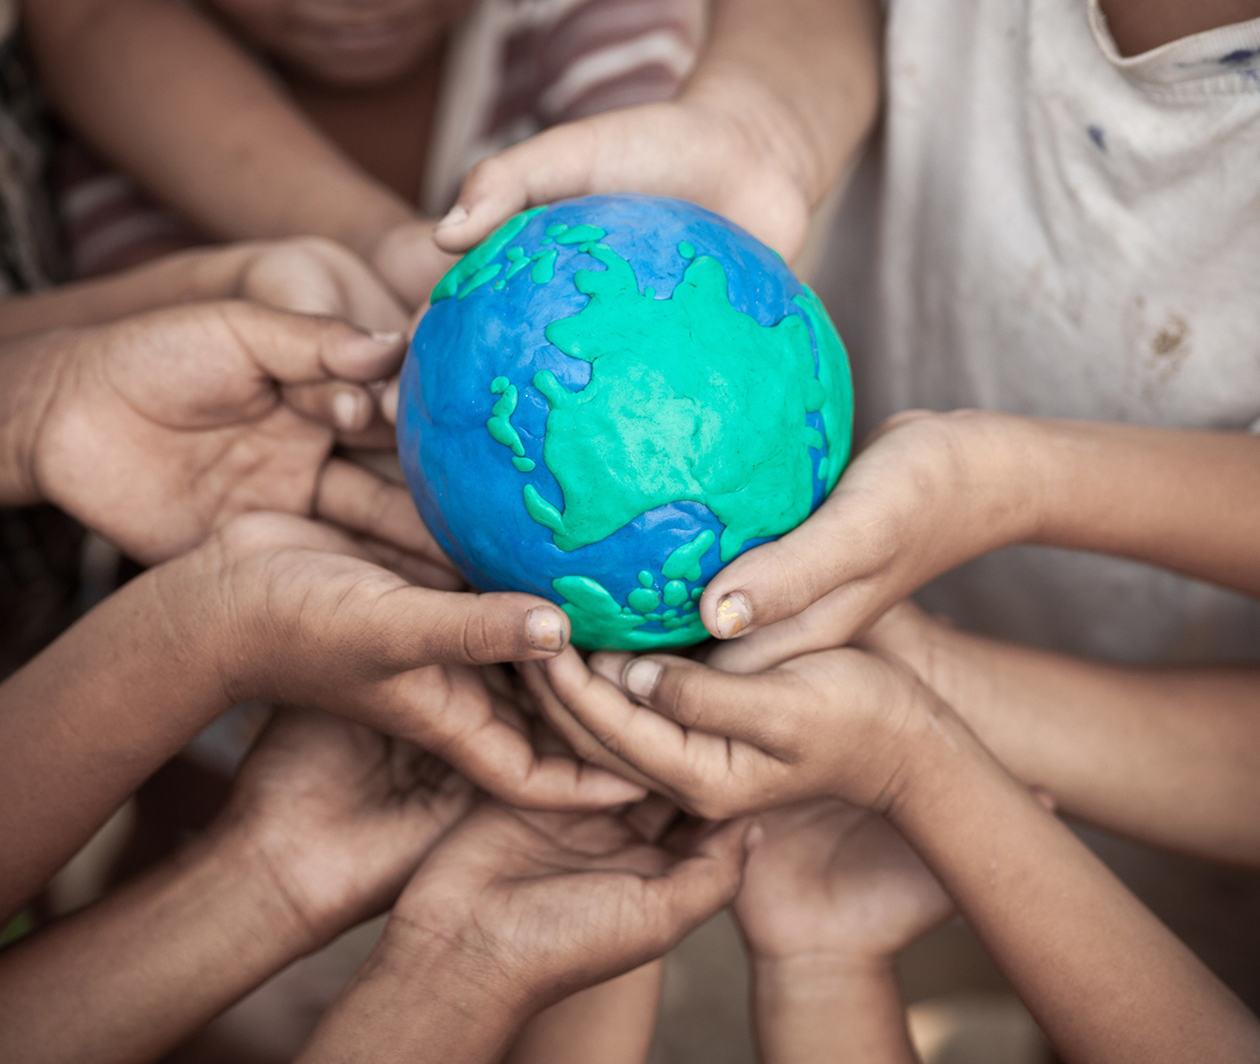 ADH701.2 Humanitarian Principles and Values